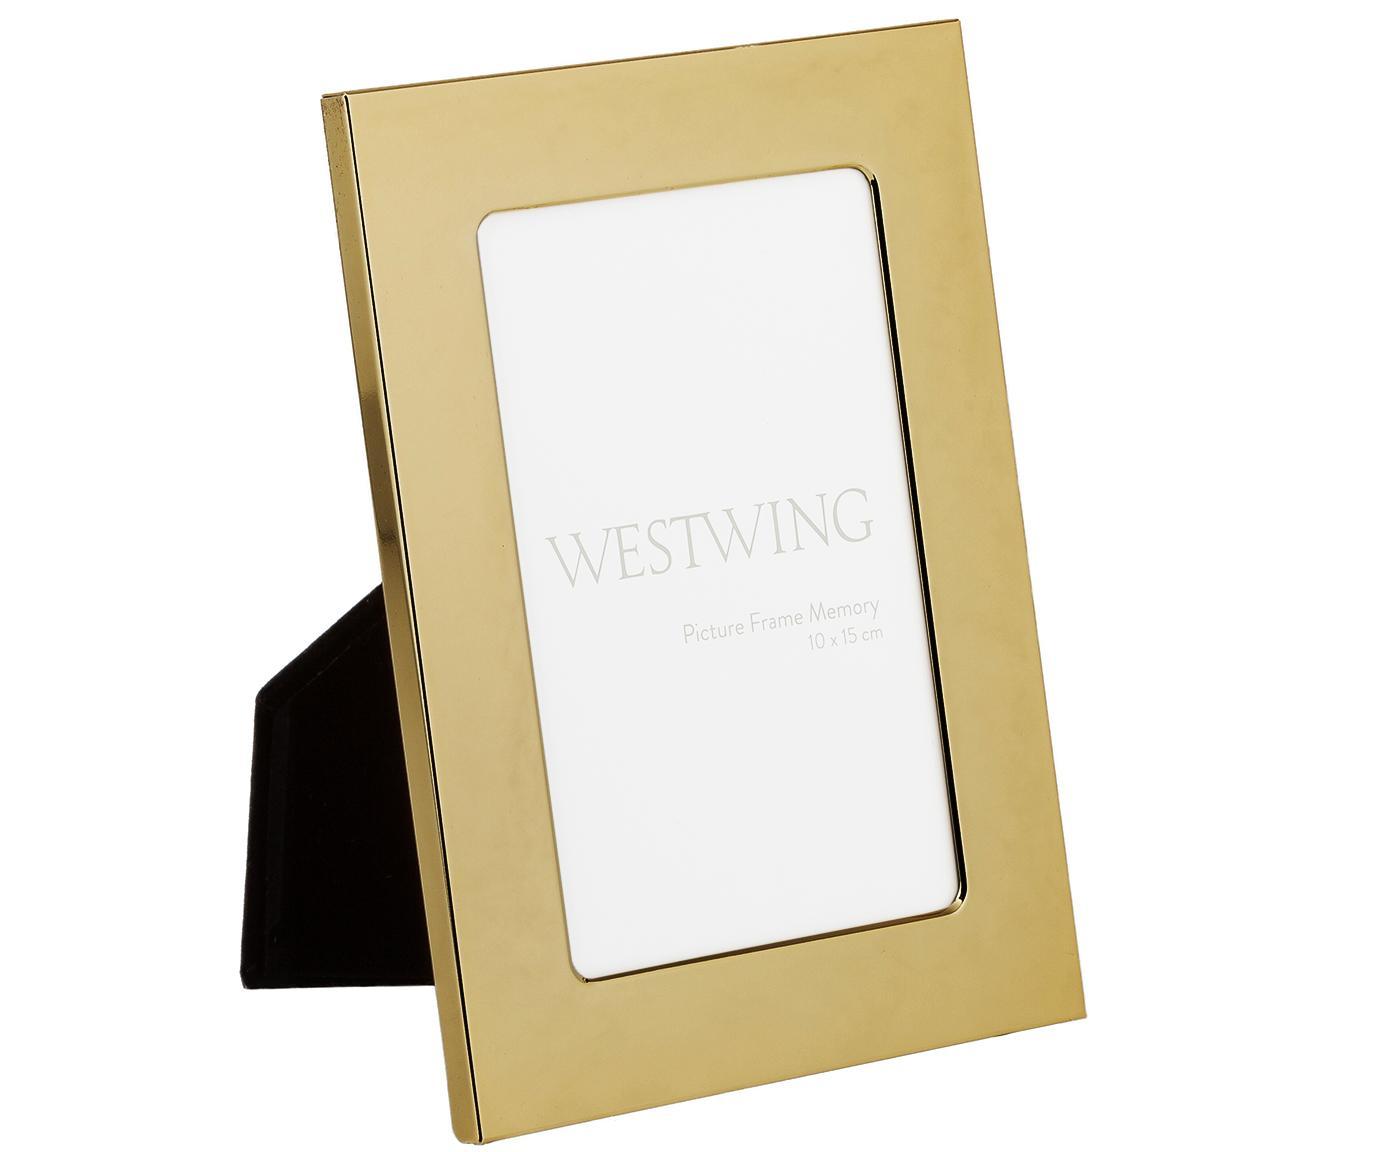 Fotolijstje Memory, Lijst: hoogglans gelakt ijzer, Goudkleurig, 10 x 15 cm